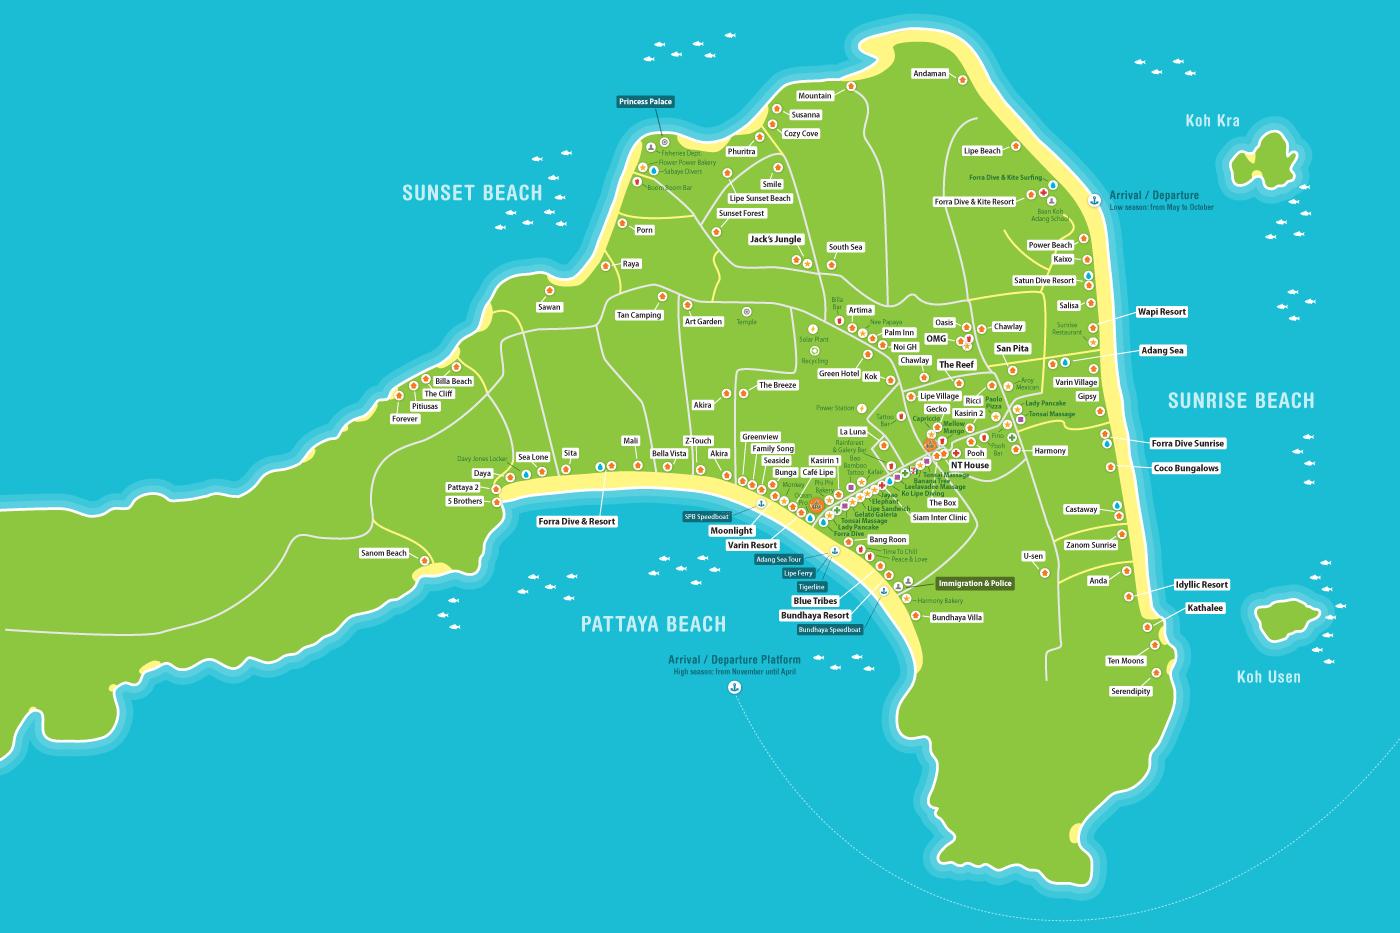 карта острова ко липе